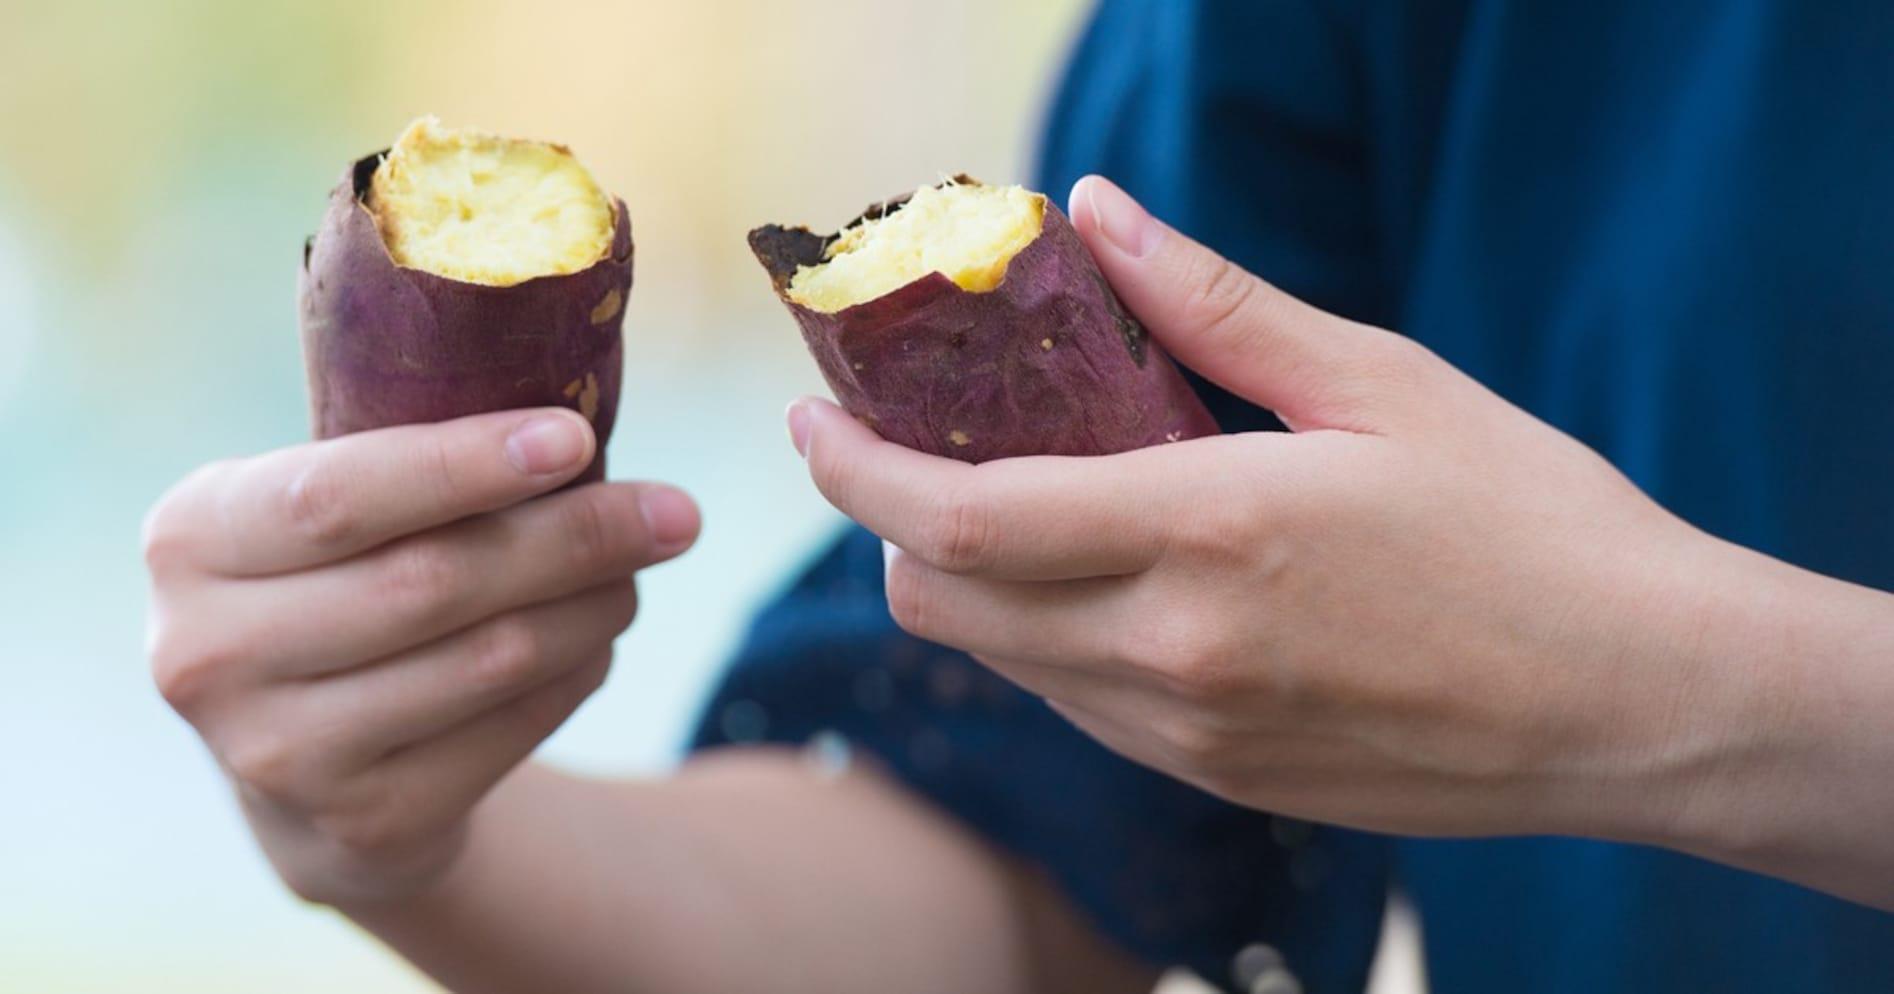 もはや冬限定じゃない! 目黒のファミマで「焼き芋」が売れ続けるワケ